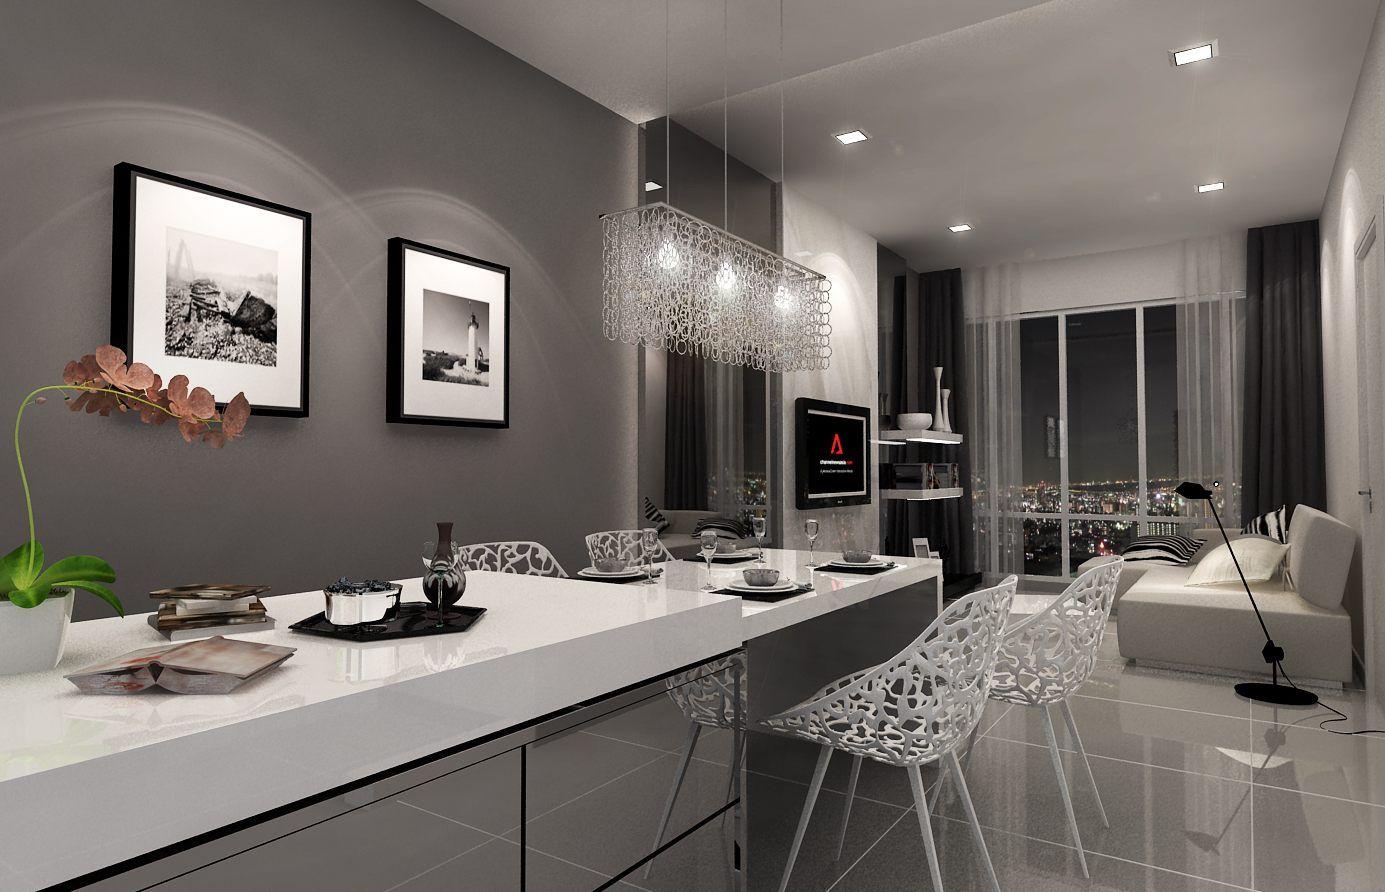 17 home makeover ideas found in malaysia condo interior on home interior design ideas id=88627